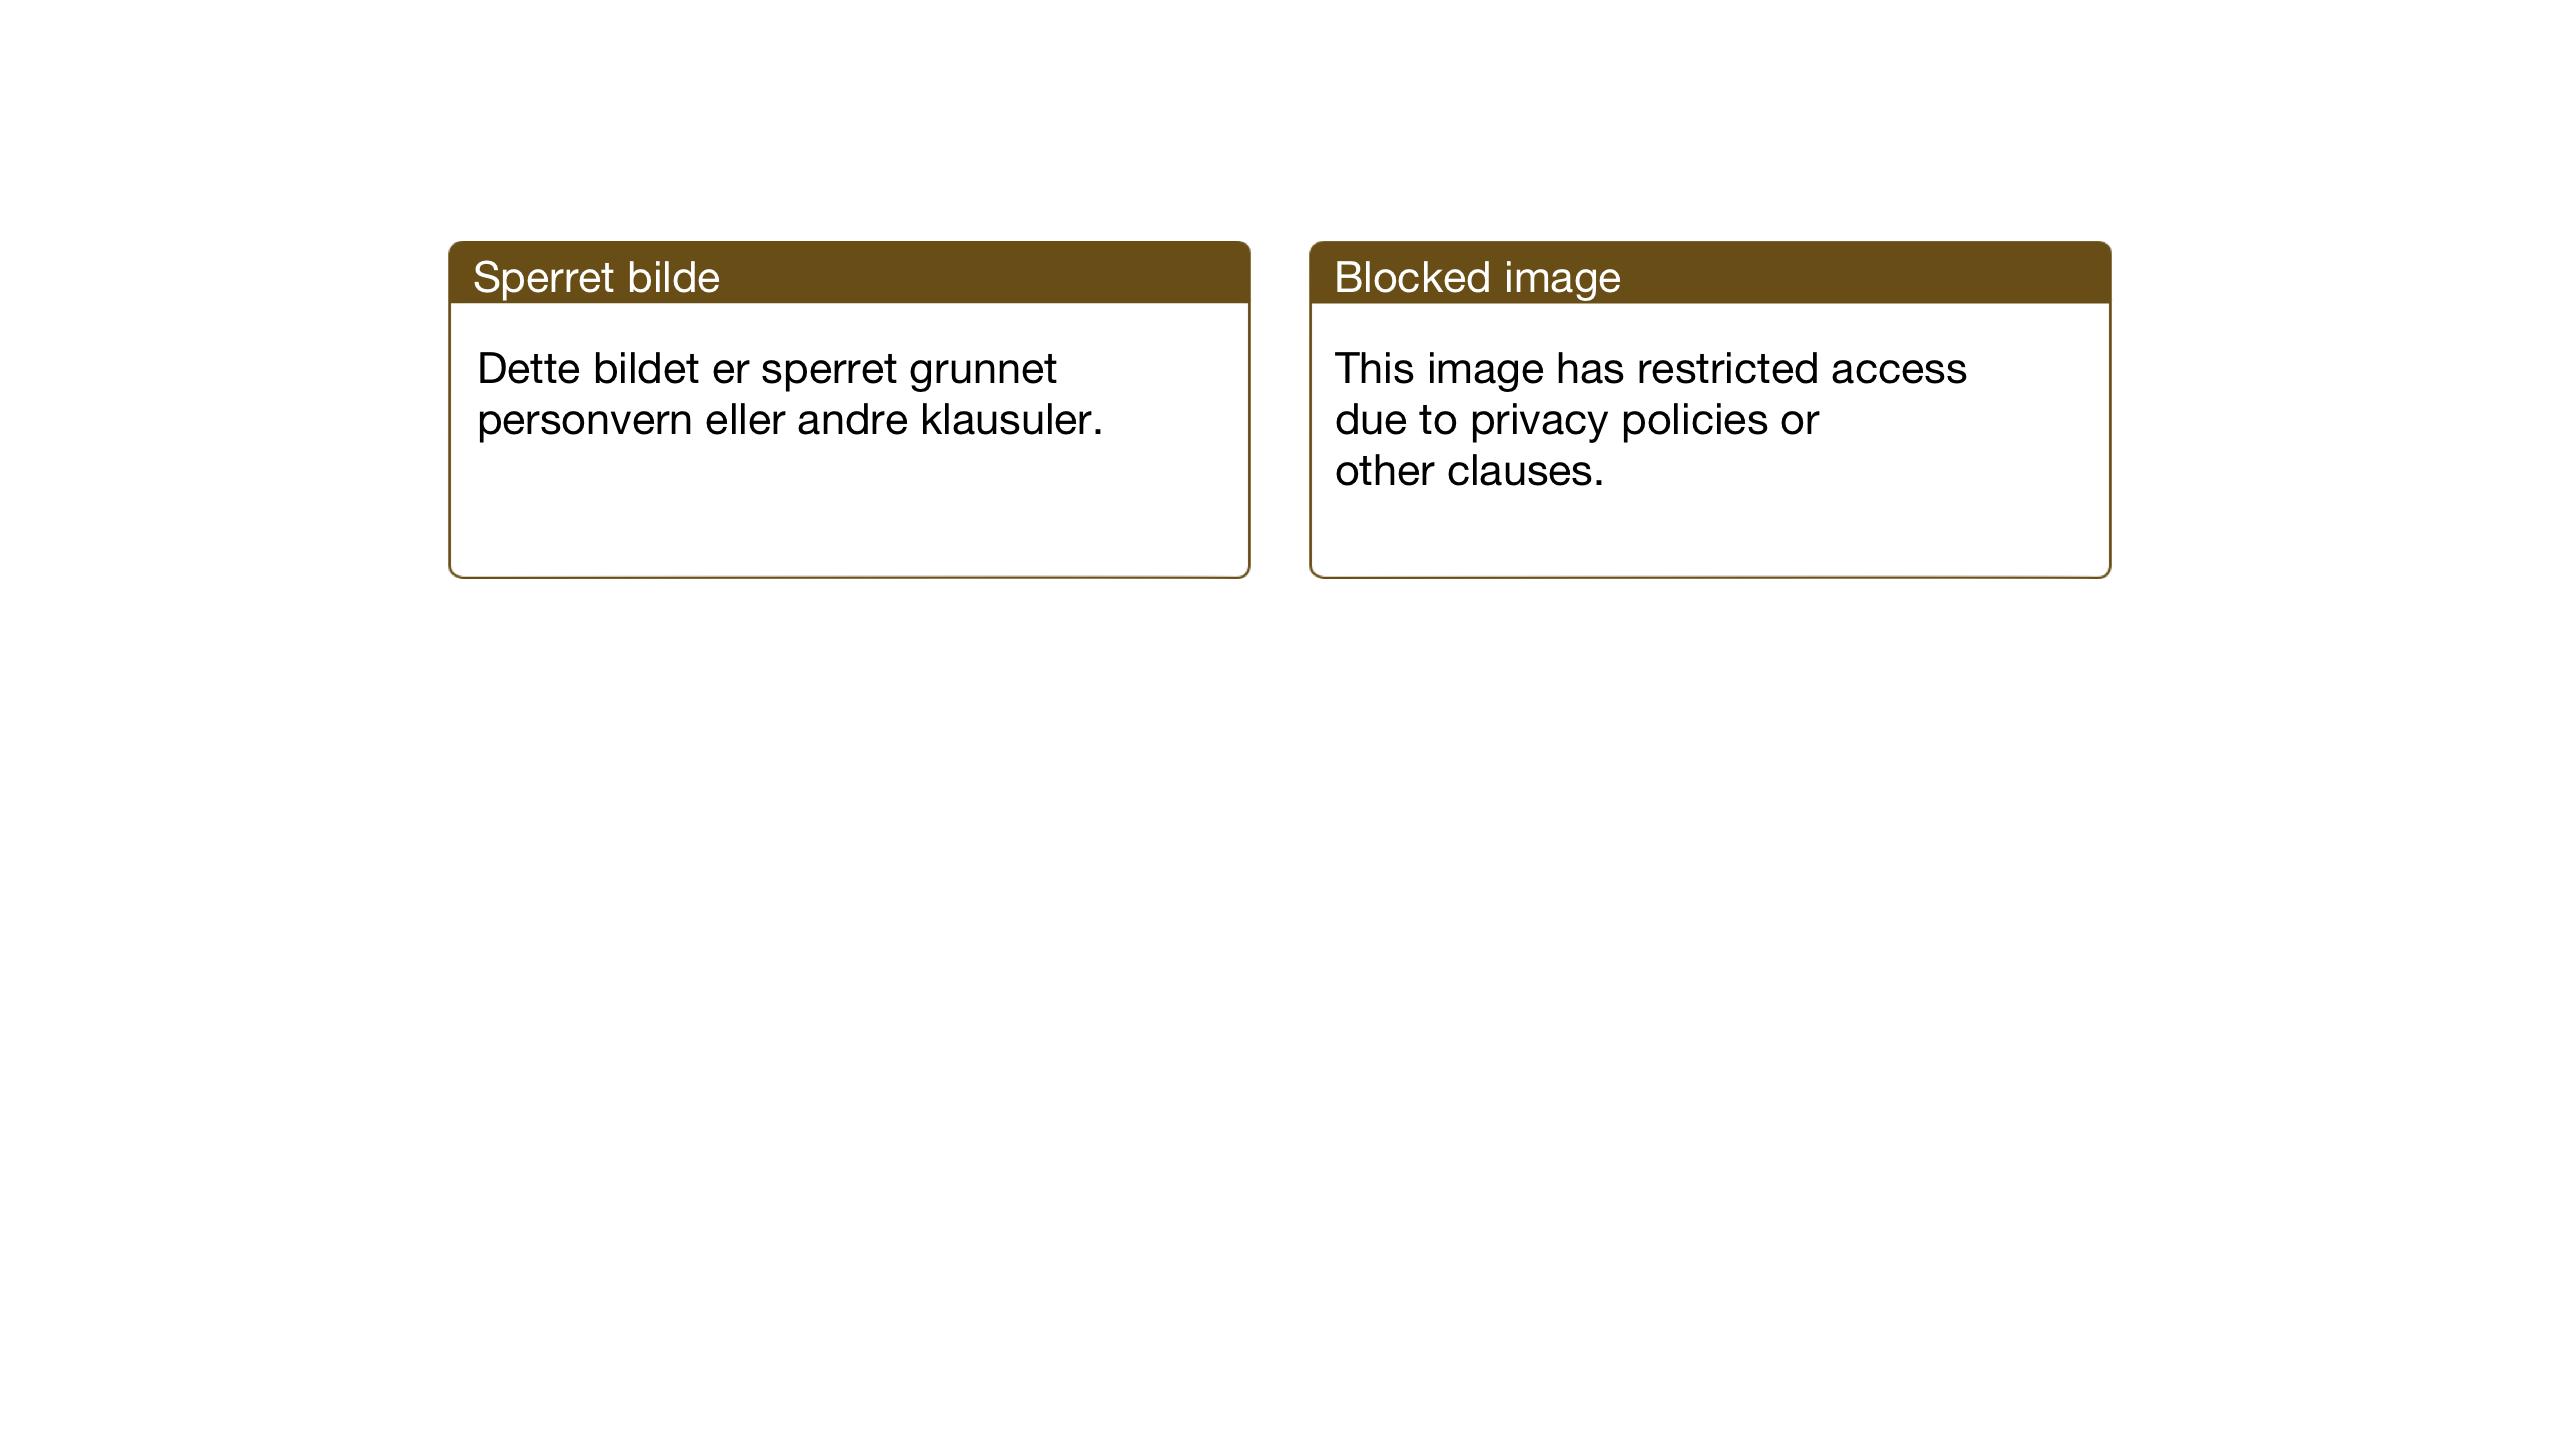 SAT, Ministerialprotokoller, klokkerbøker og fødselsregistre - Sør-Trøndelag, 655/L0690: Klokkerbok nr. 655C06, 1937-1950, s. 4